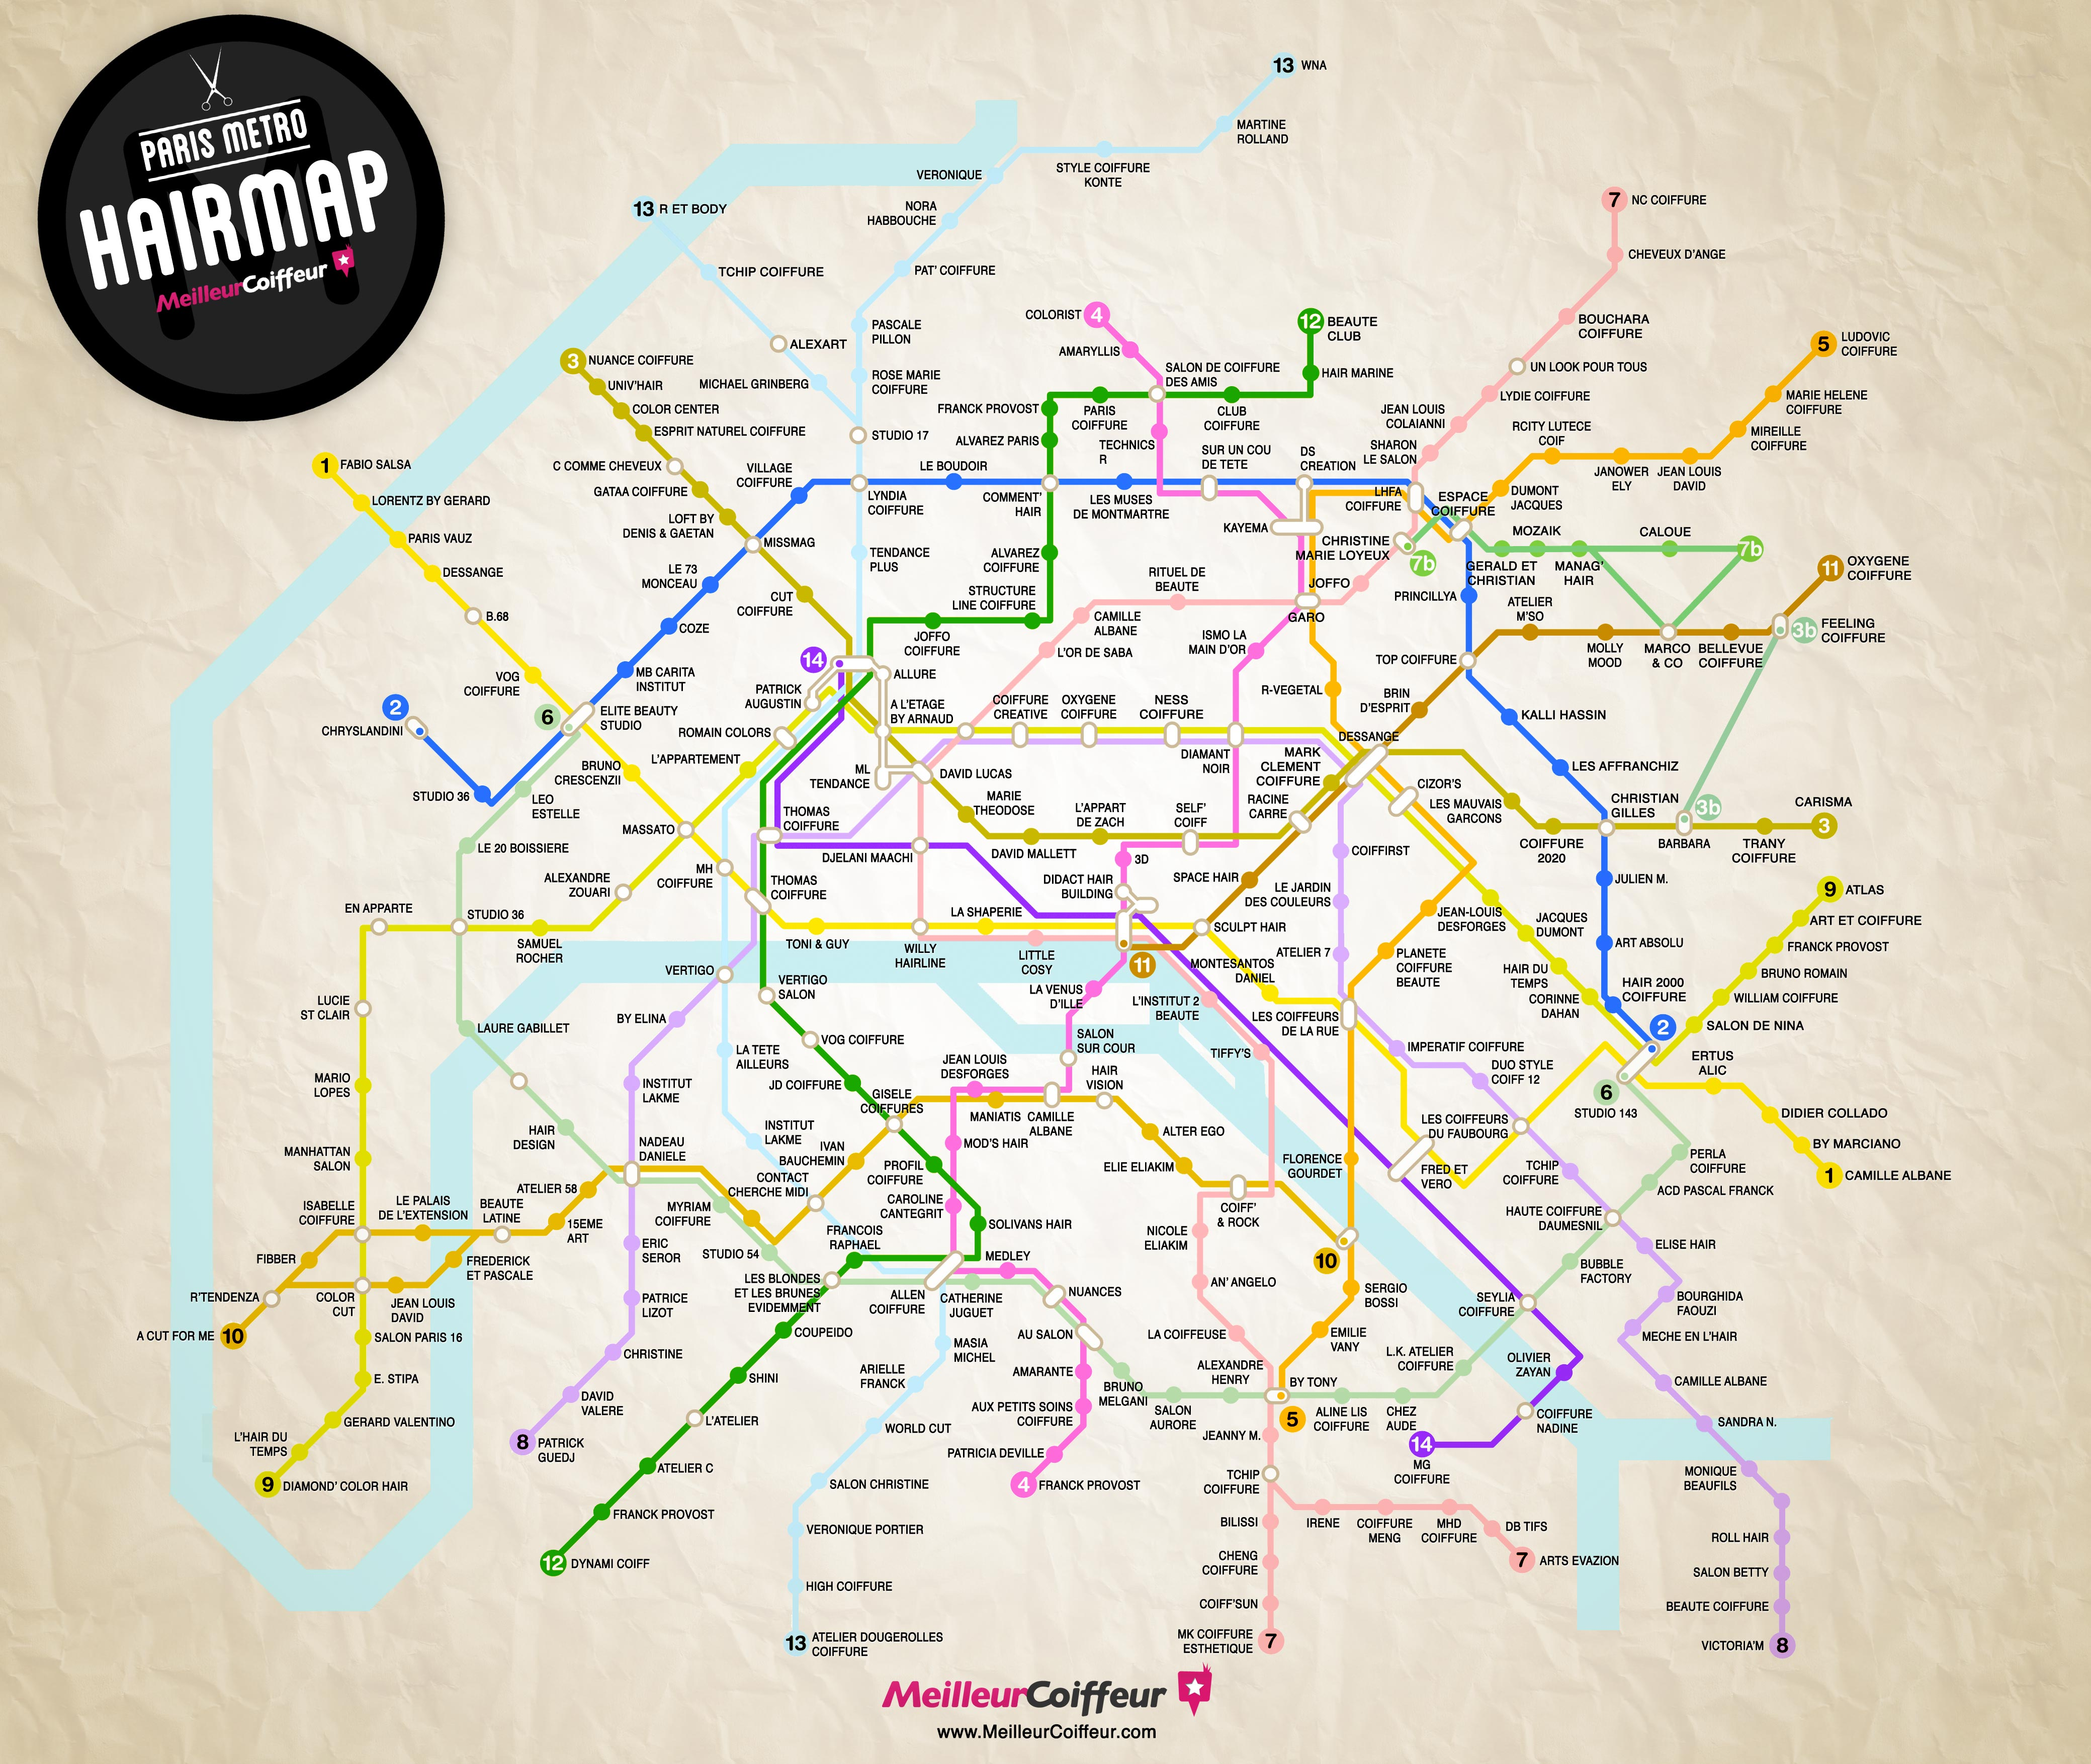 Carte de métro des meilleurs salons de coiffure de Paris